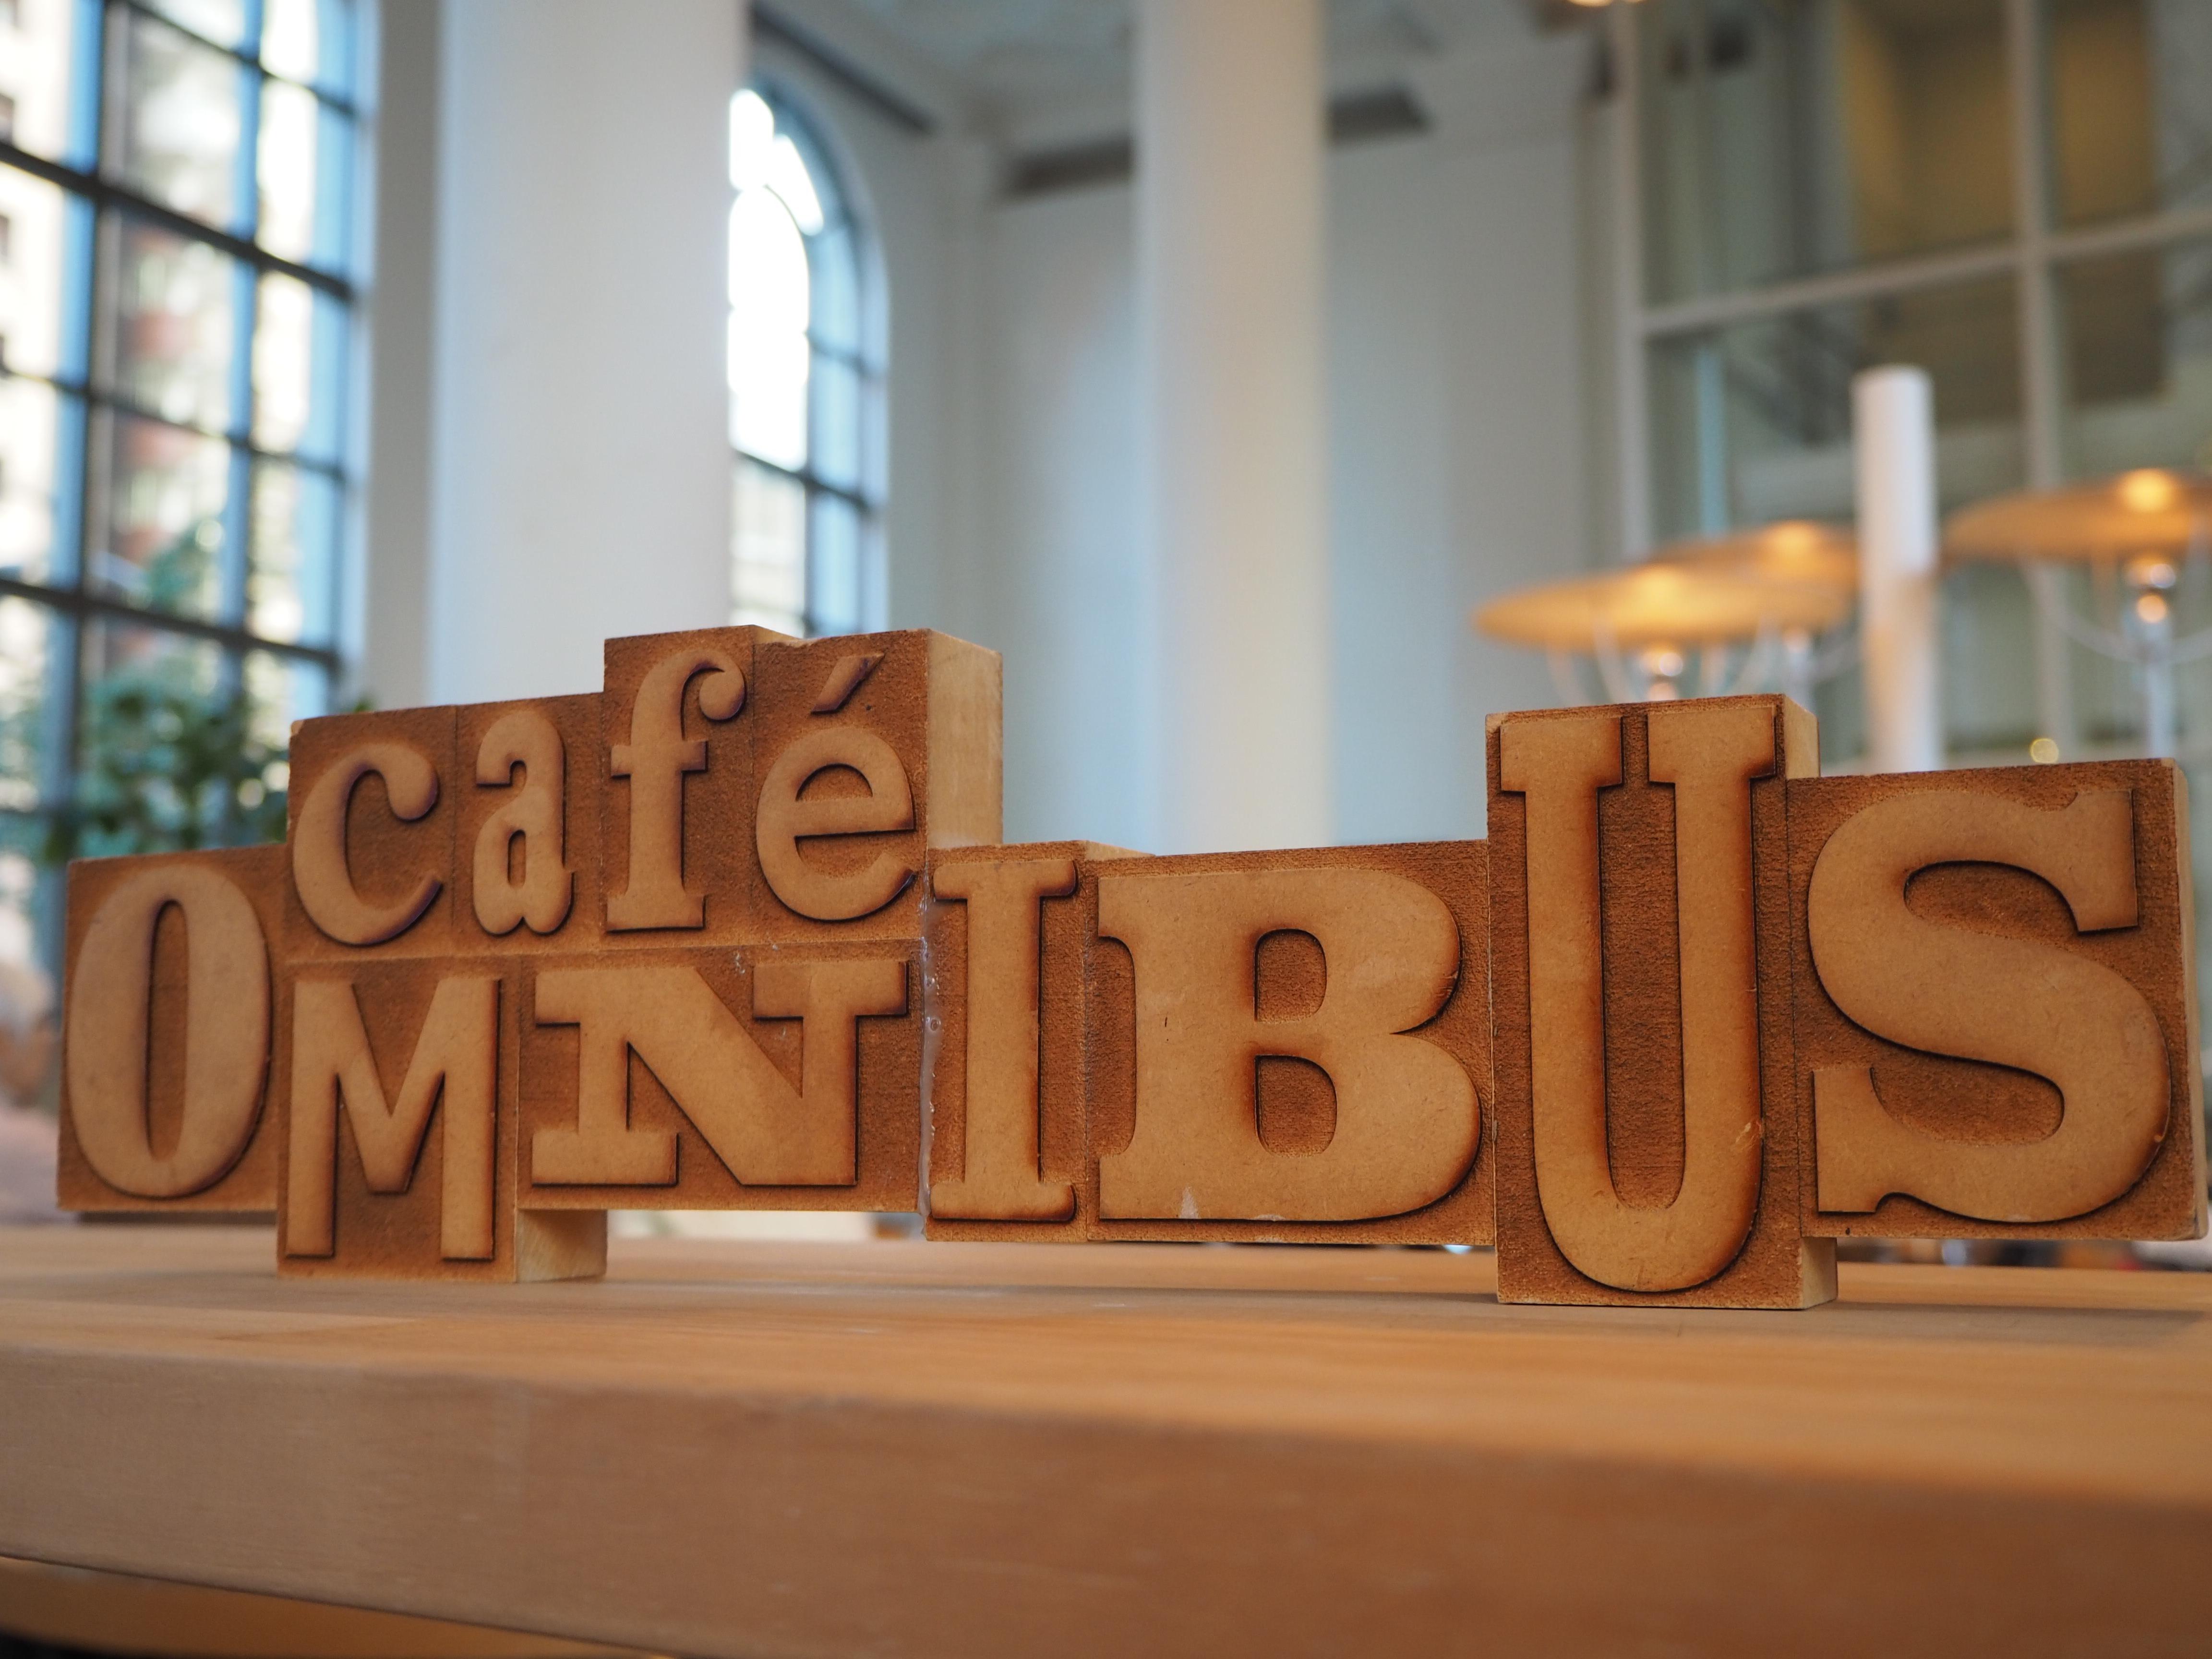 ロケ地にも使われるシャレオツカフェ@馬車道「Cafe OMNIBUS」